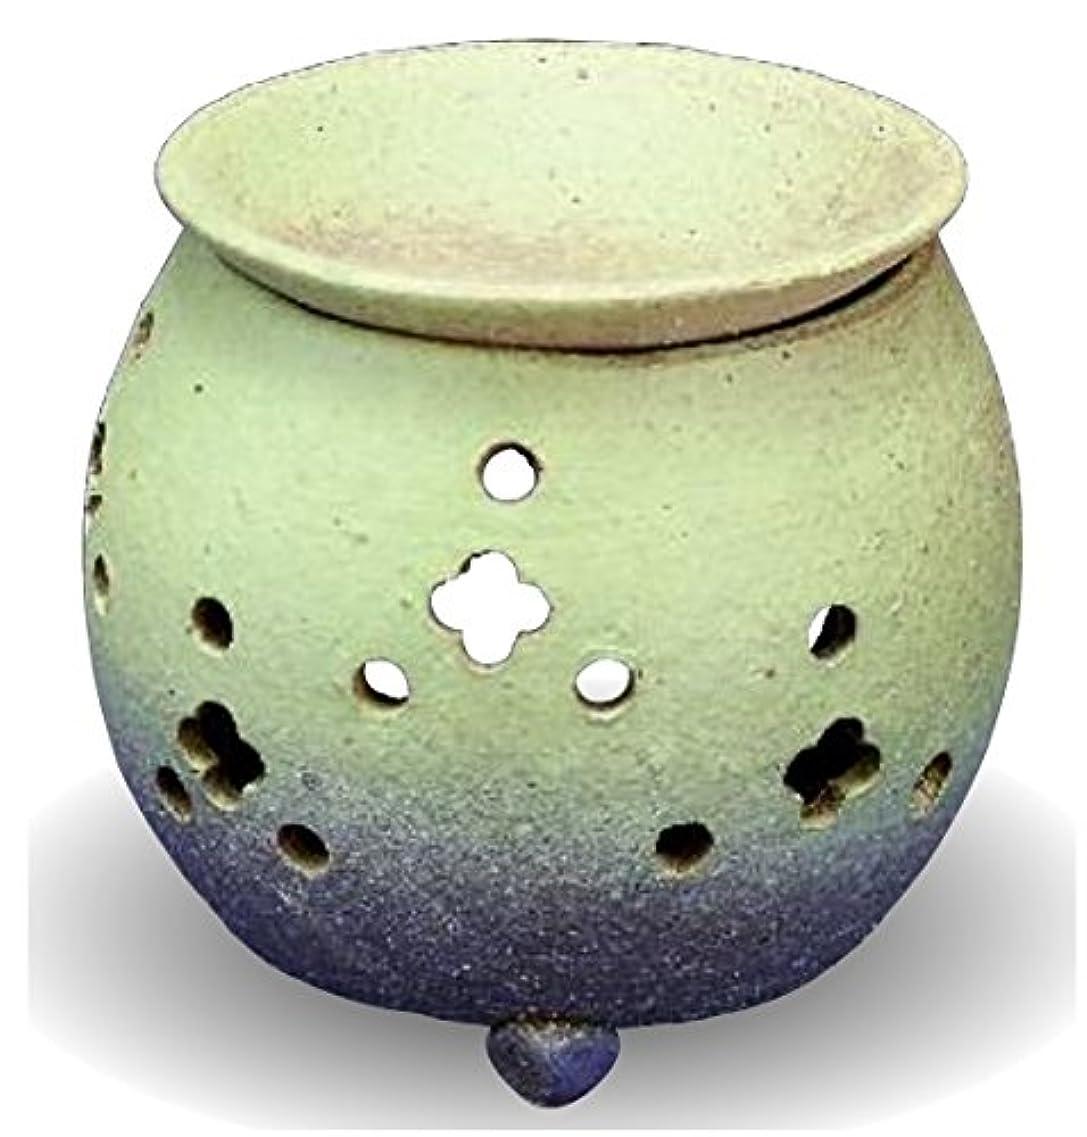 積極的に硬さひいきにする常滑焼 茶香炉(アロマポット)径10×高さ11.5cm